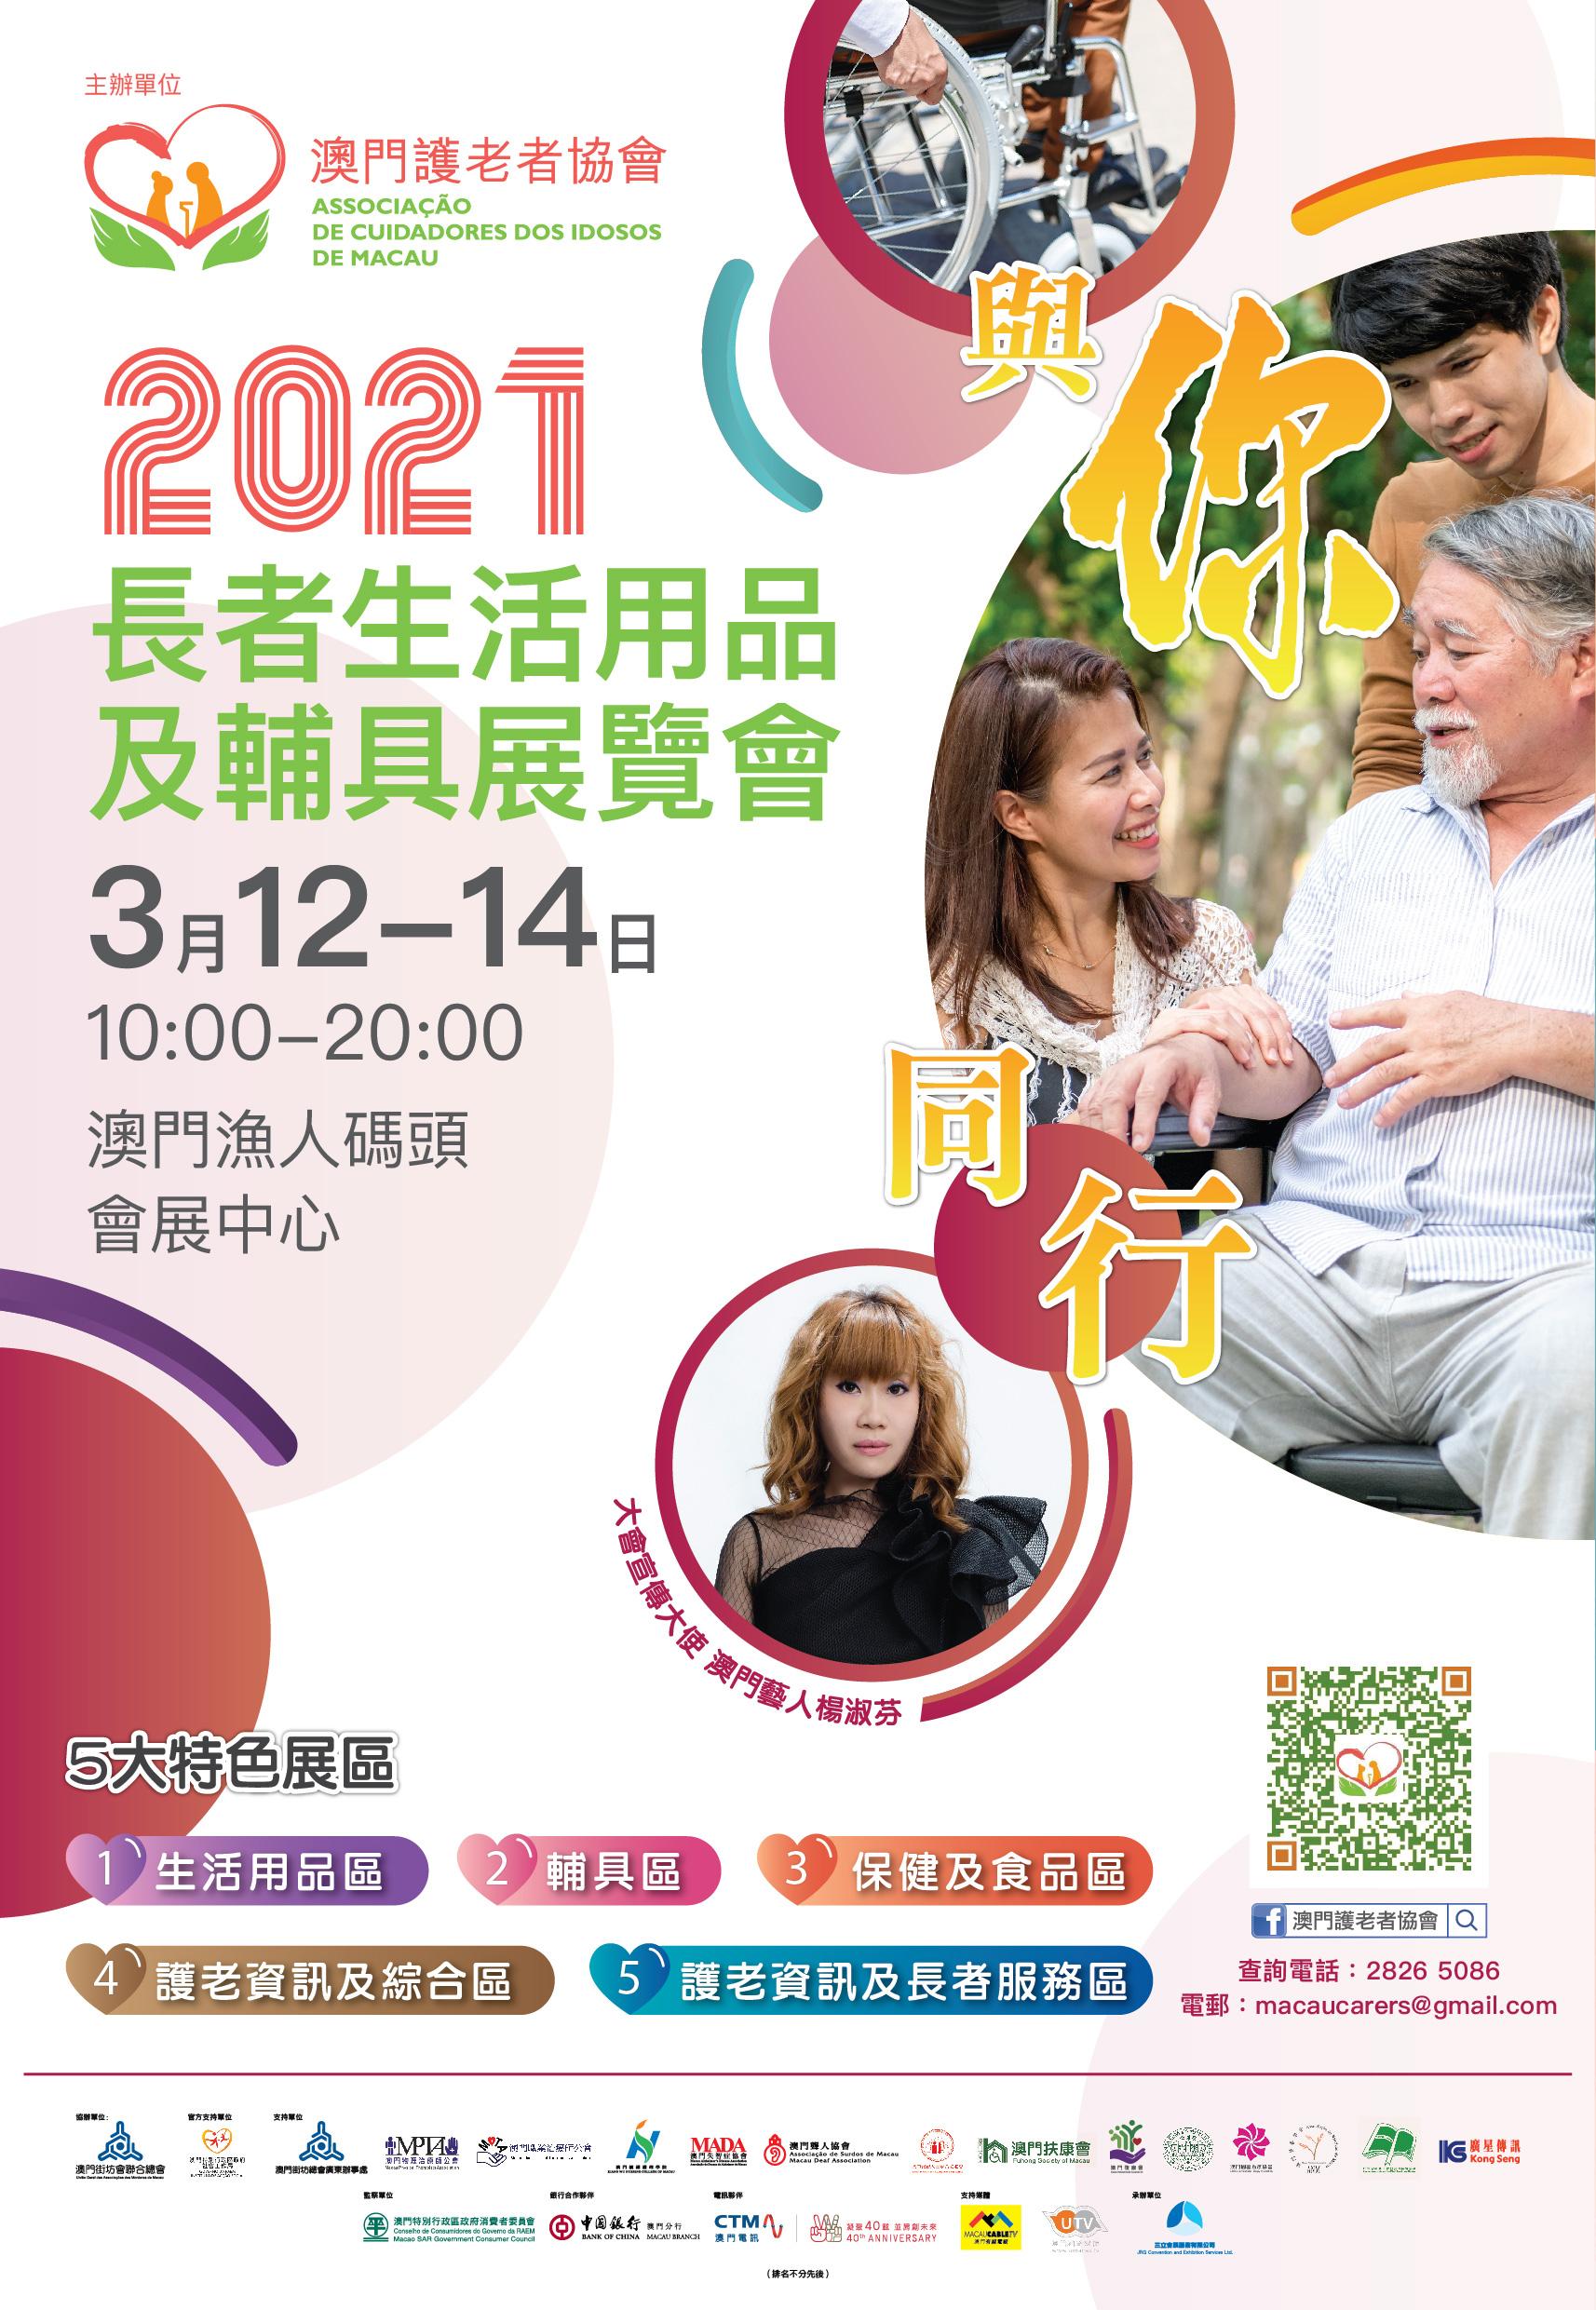 2021輔具展_Leaflet_1